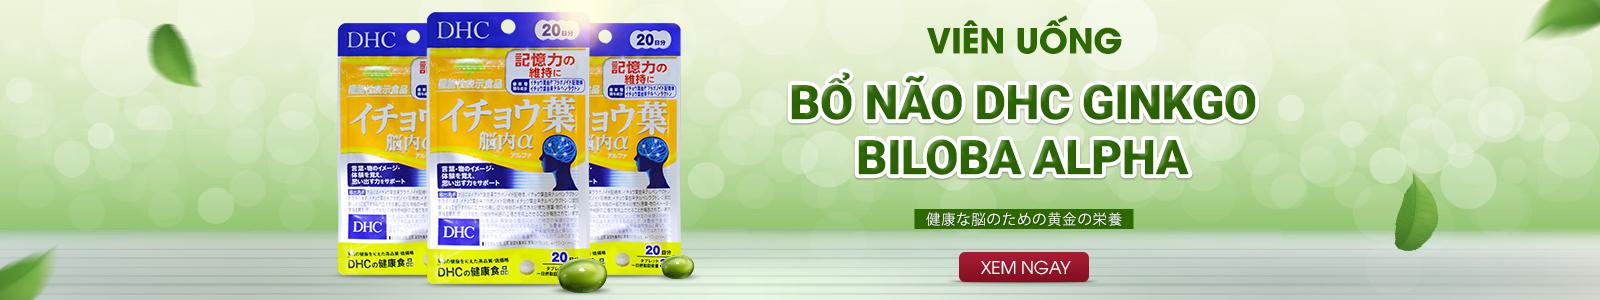 Viên uống bổ não DHC Ginkgo Biloba Alpha 60 viên